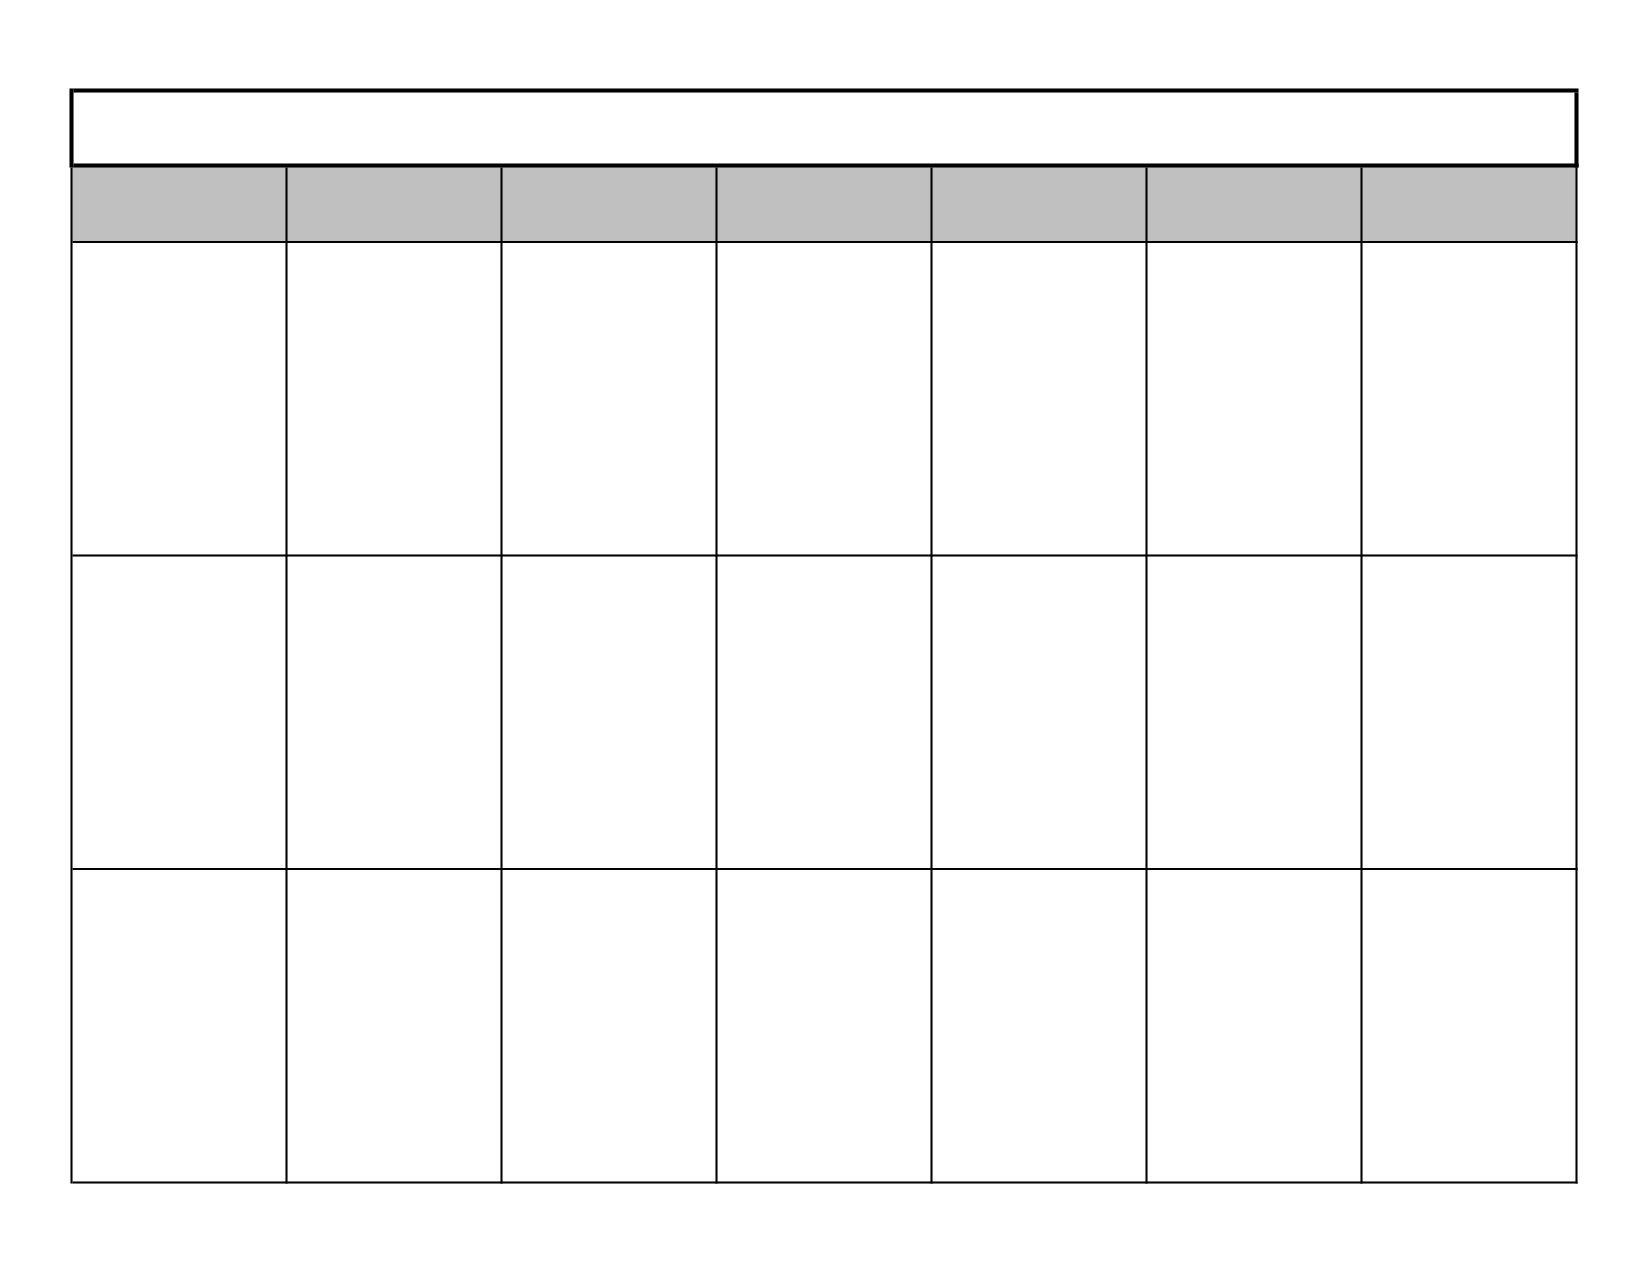 Get 2 Week Blank Calendar Template (With Images) | Blank One Week Calendar Printable Blank